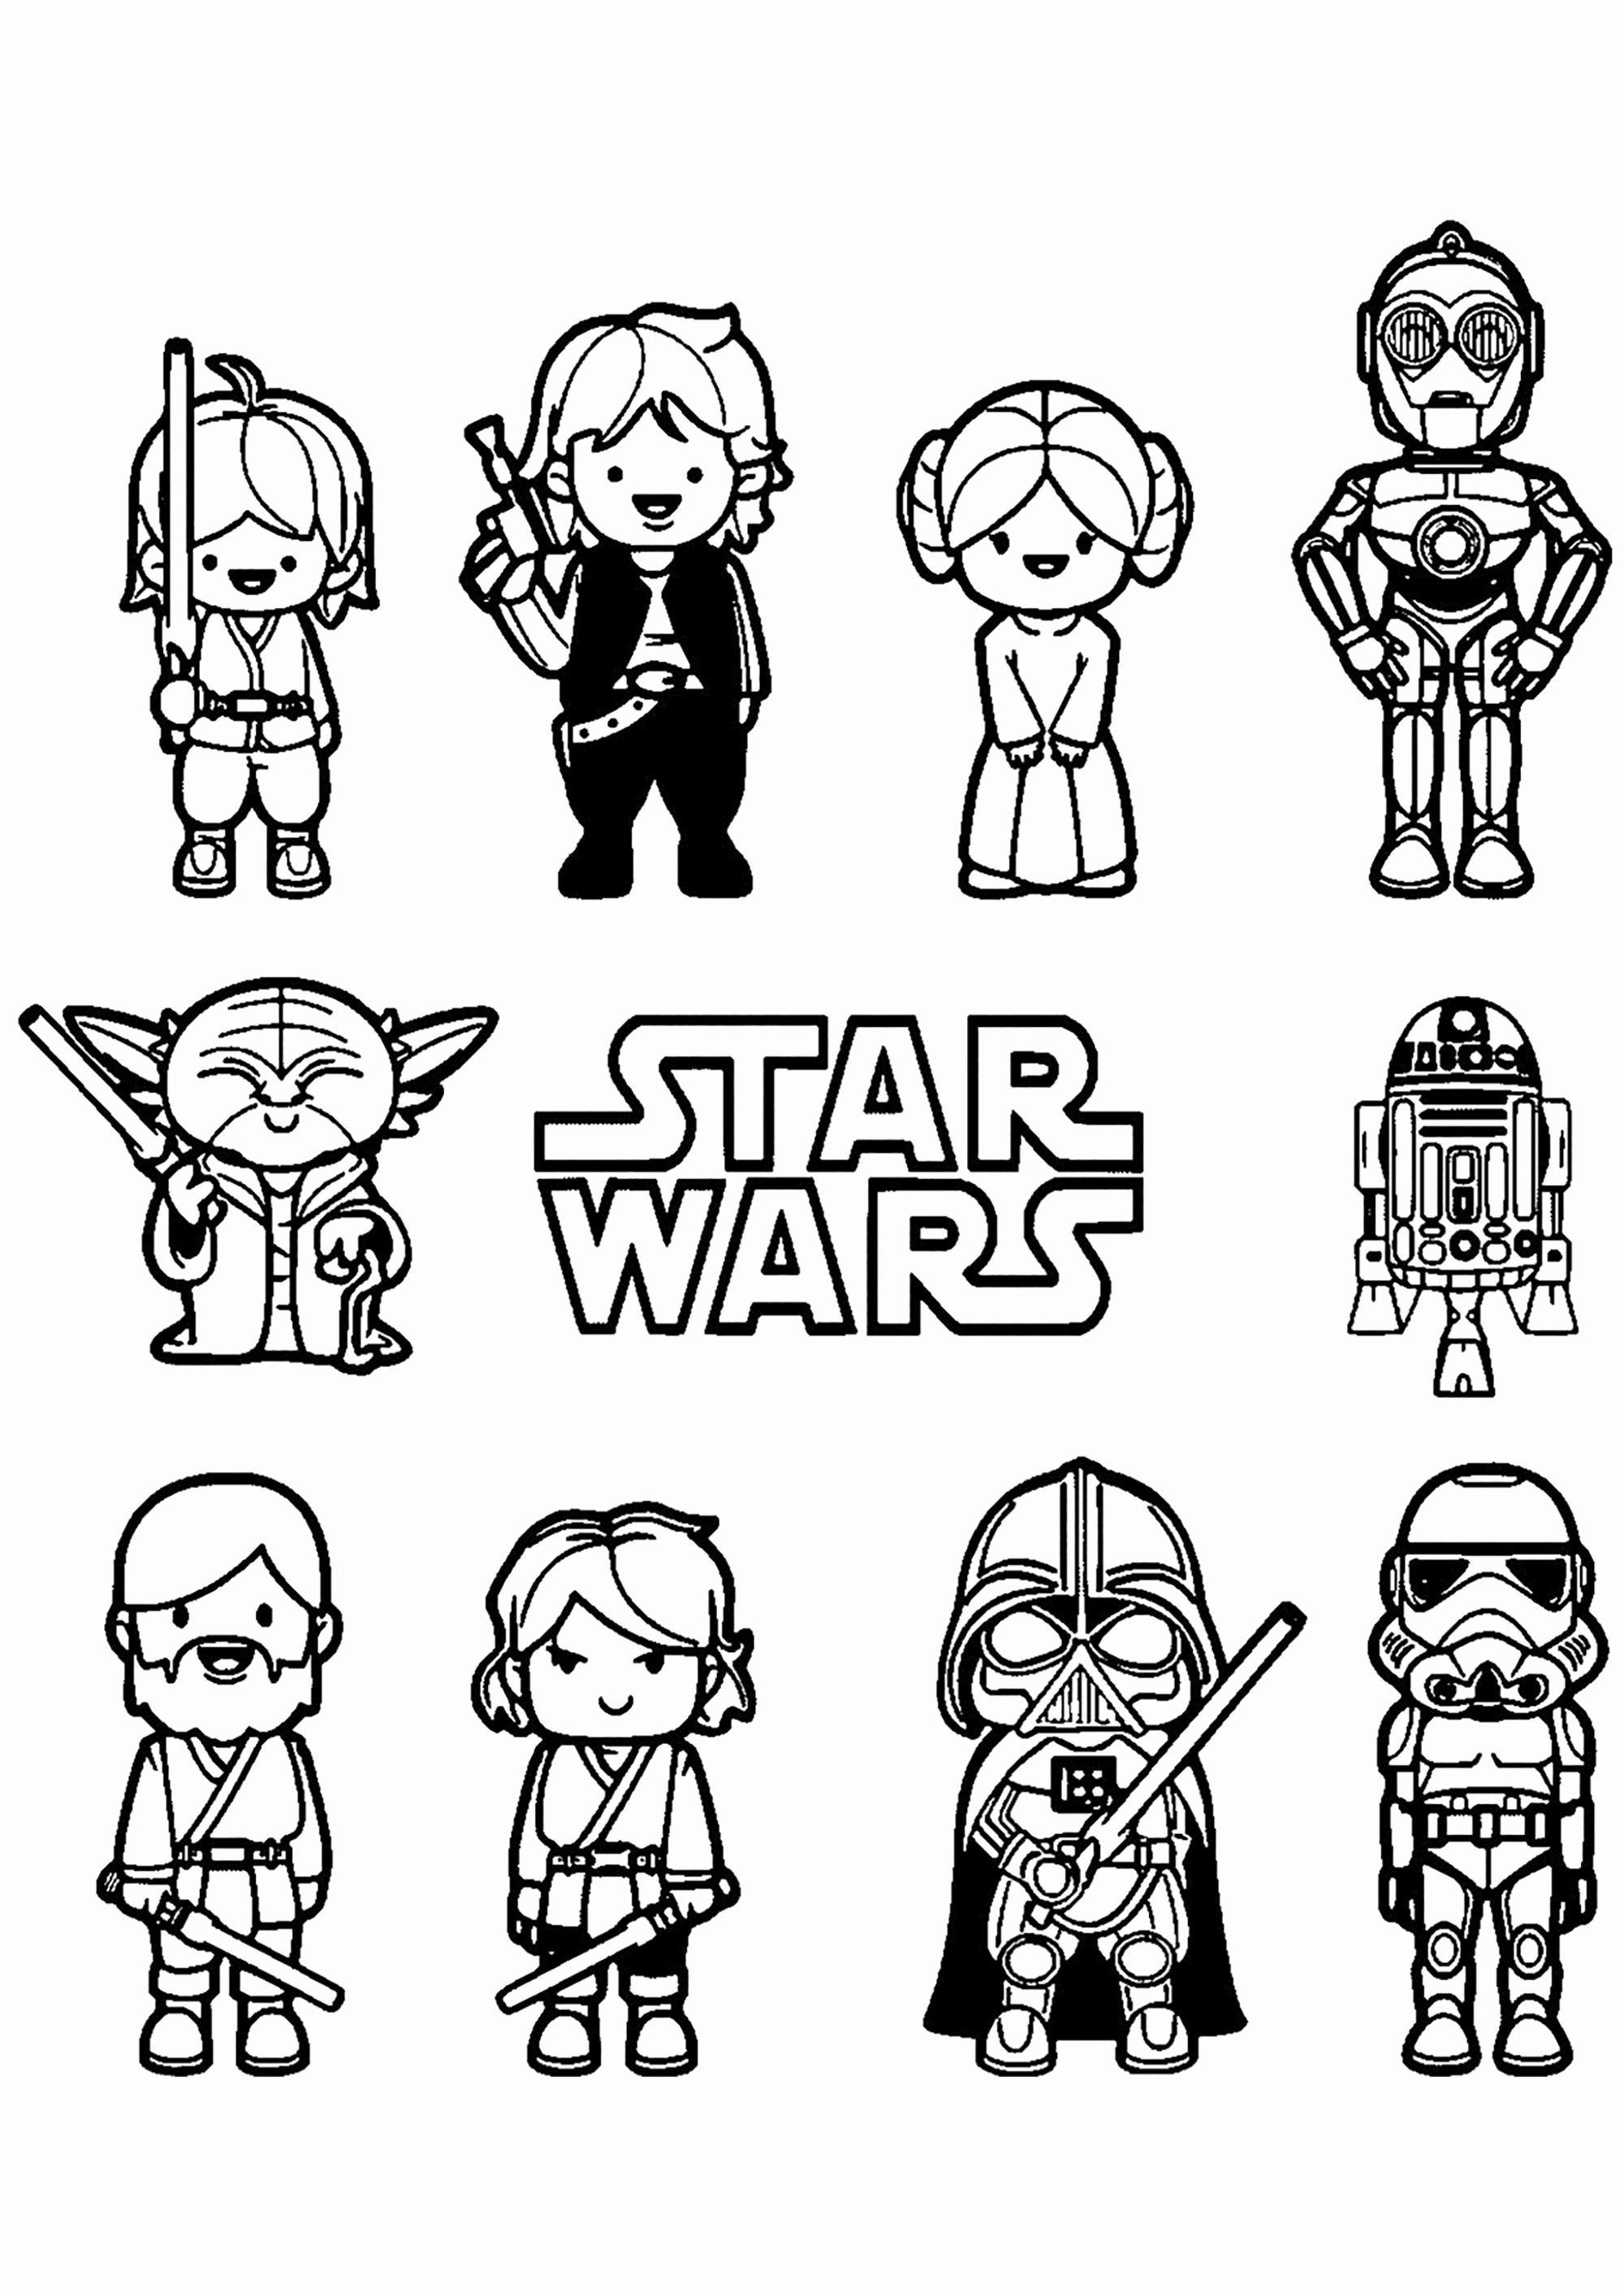 Darth Vader Lego Coloring Pages Unique Coloring Pages Star Wars Unique Star Wars Free To Color For Buku Mewarnai Halaman Mewarnai Star Wars Shirt